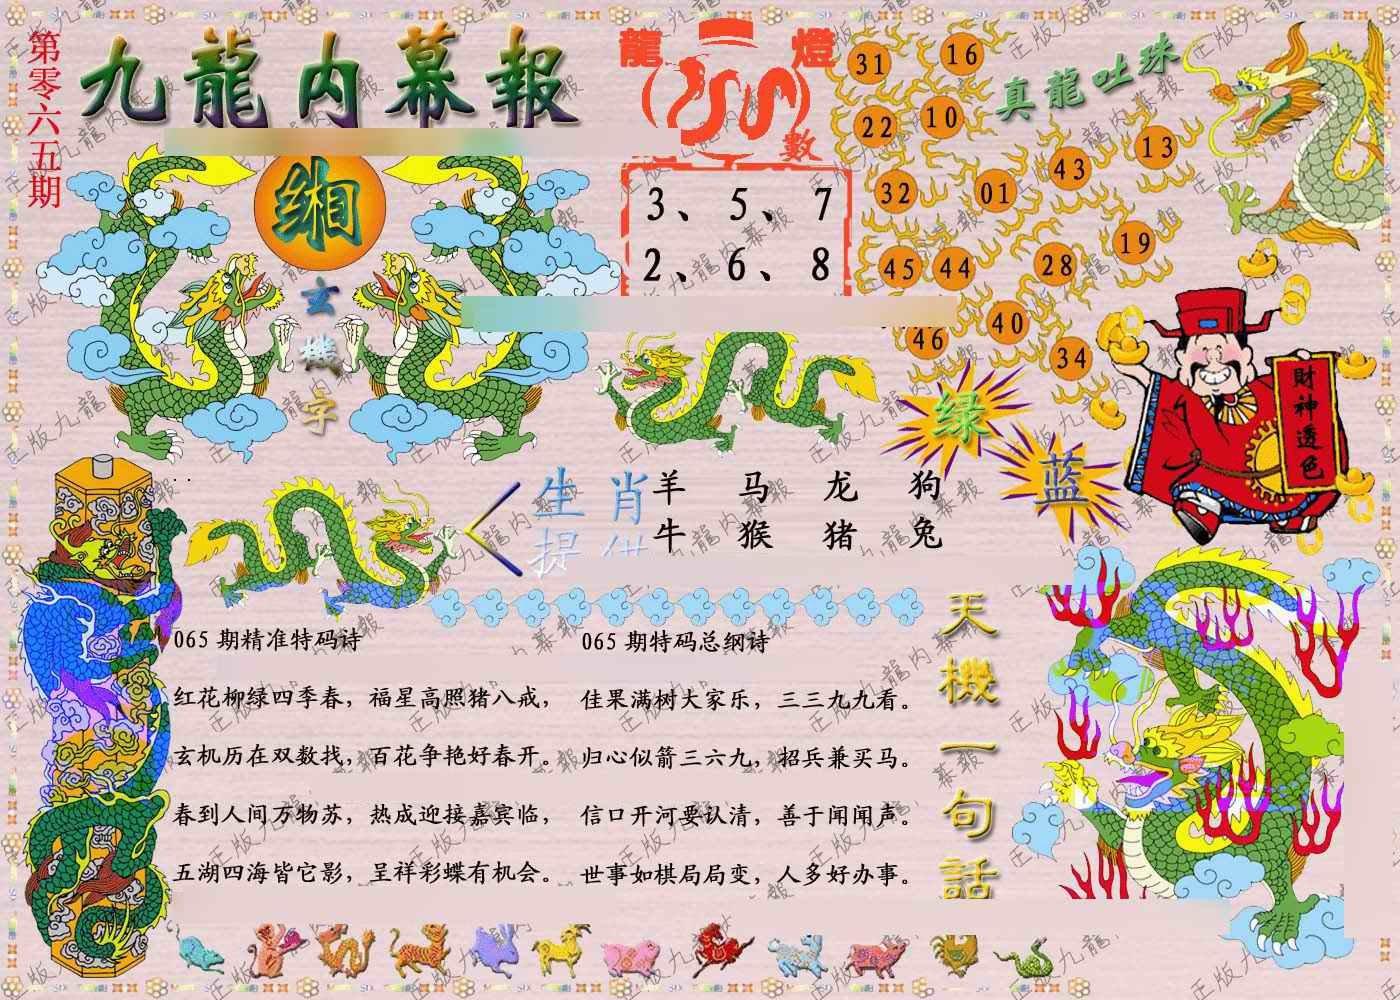 065期正版九龙内幕报